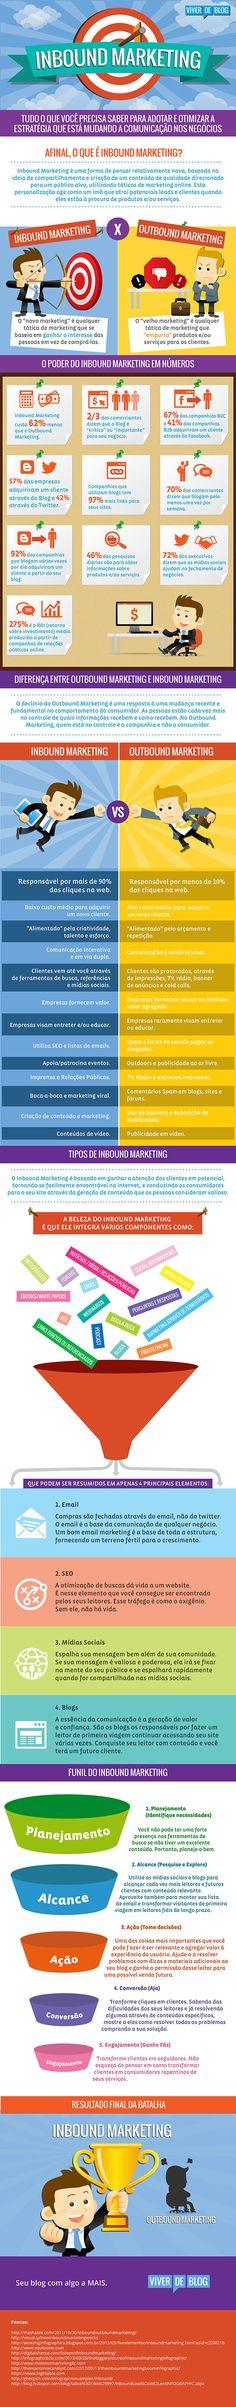 Inbound Marketing é uma forma de pensar relativamente nova, baseada na ideia de compartilhamento e criação de um conteúdo de qualidade direcionado para um público-alvo, utilizando táticas de marketing online.